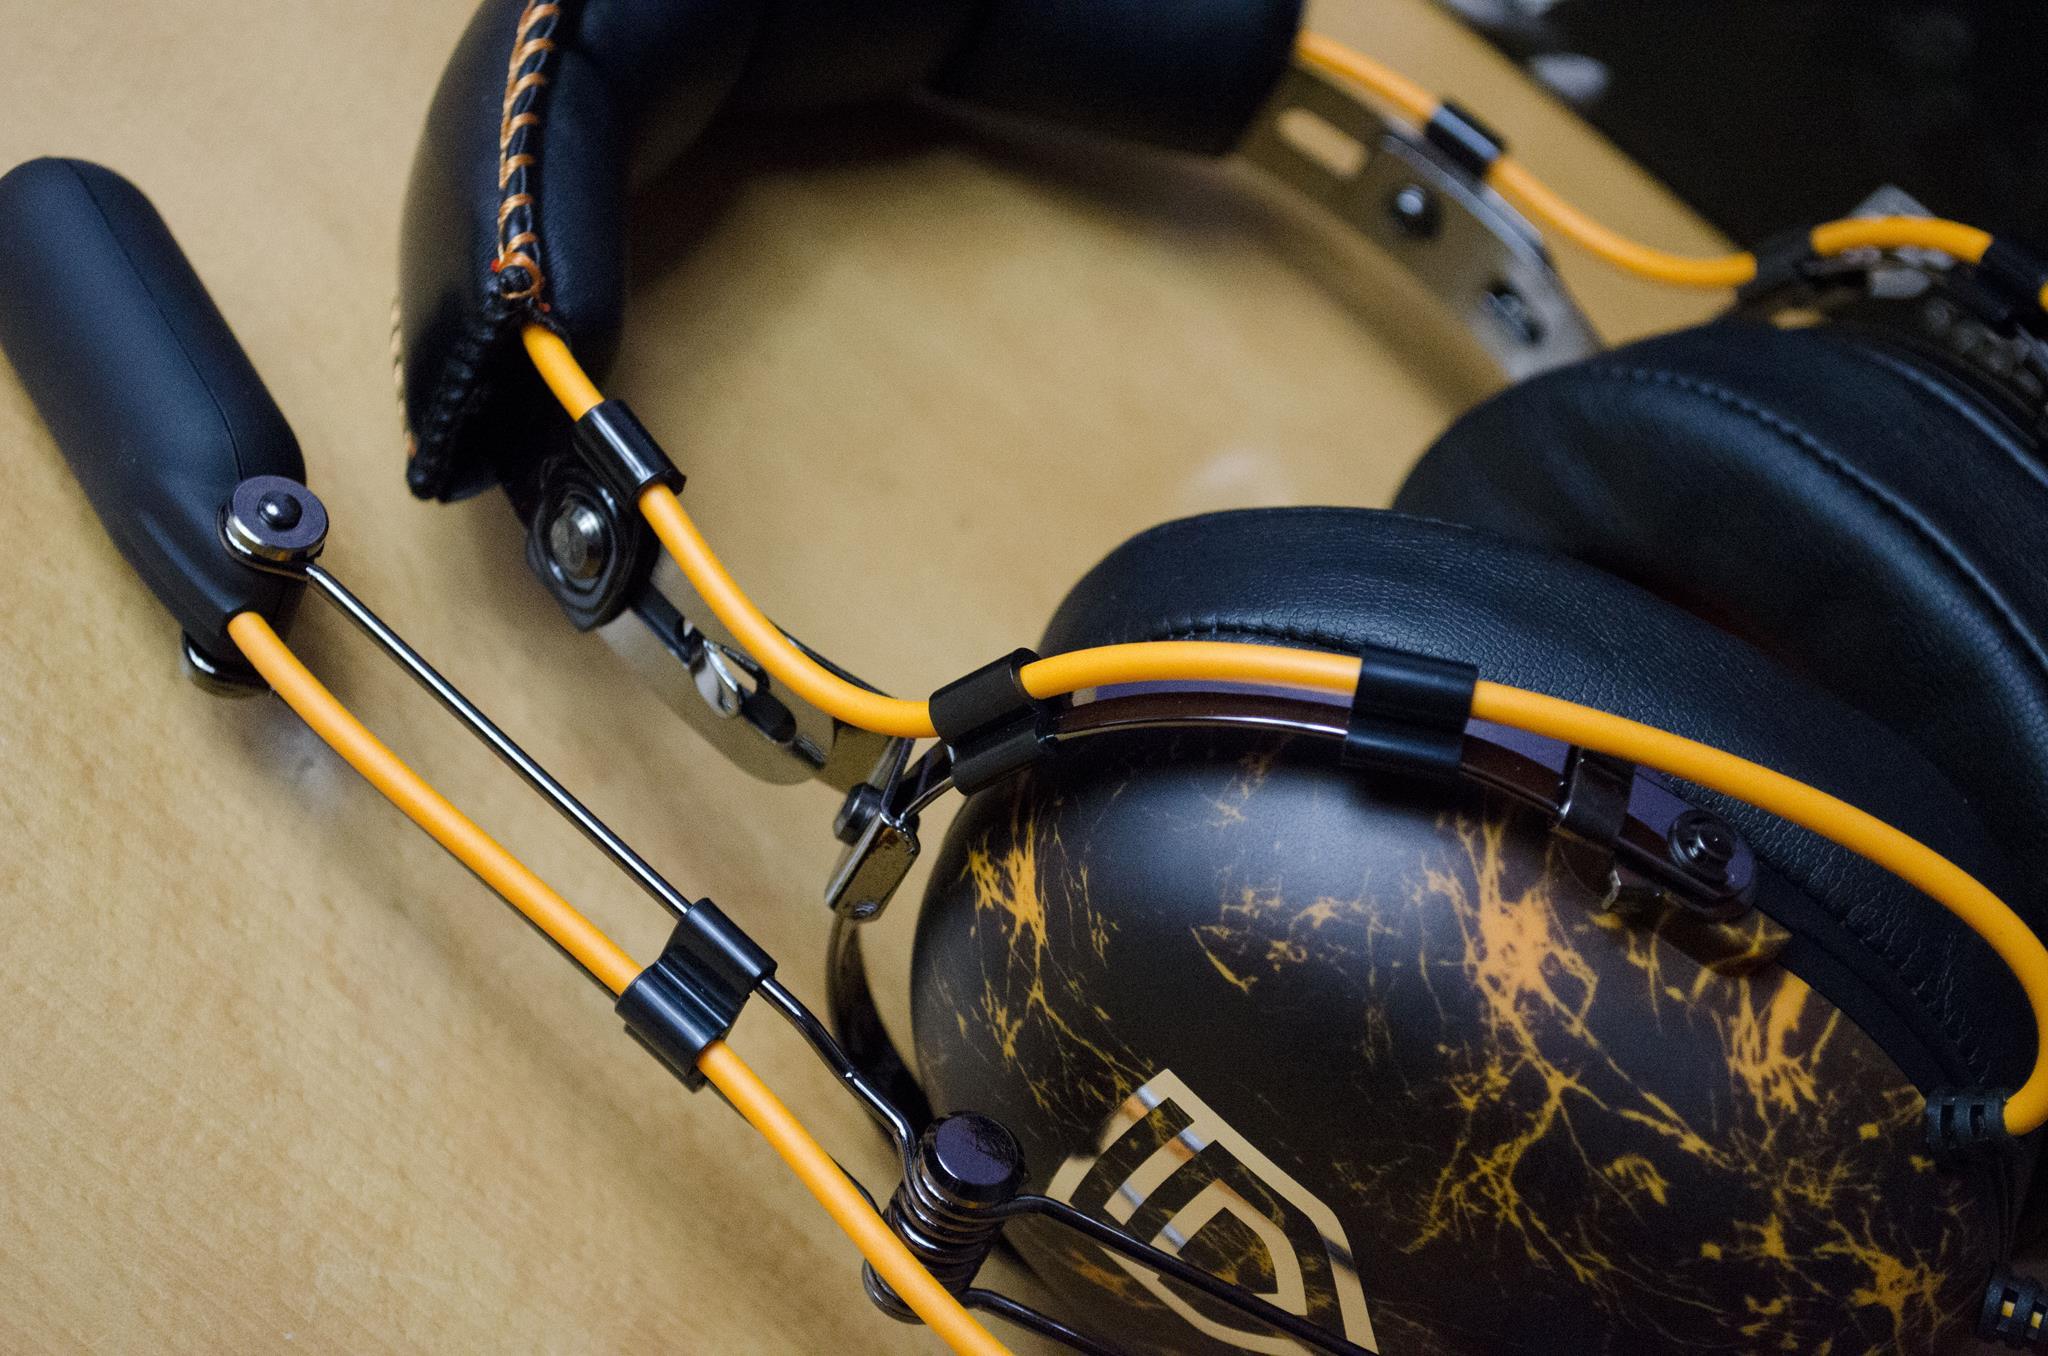 Arctic P533 PENTA Gaming Headset Review